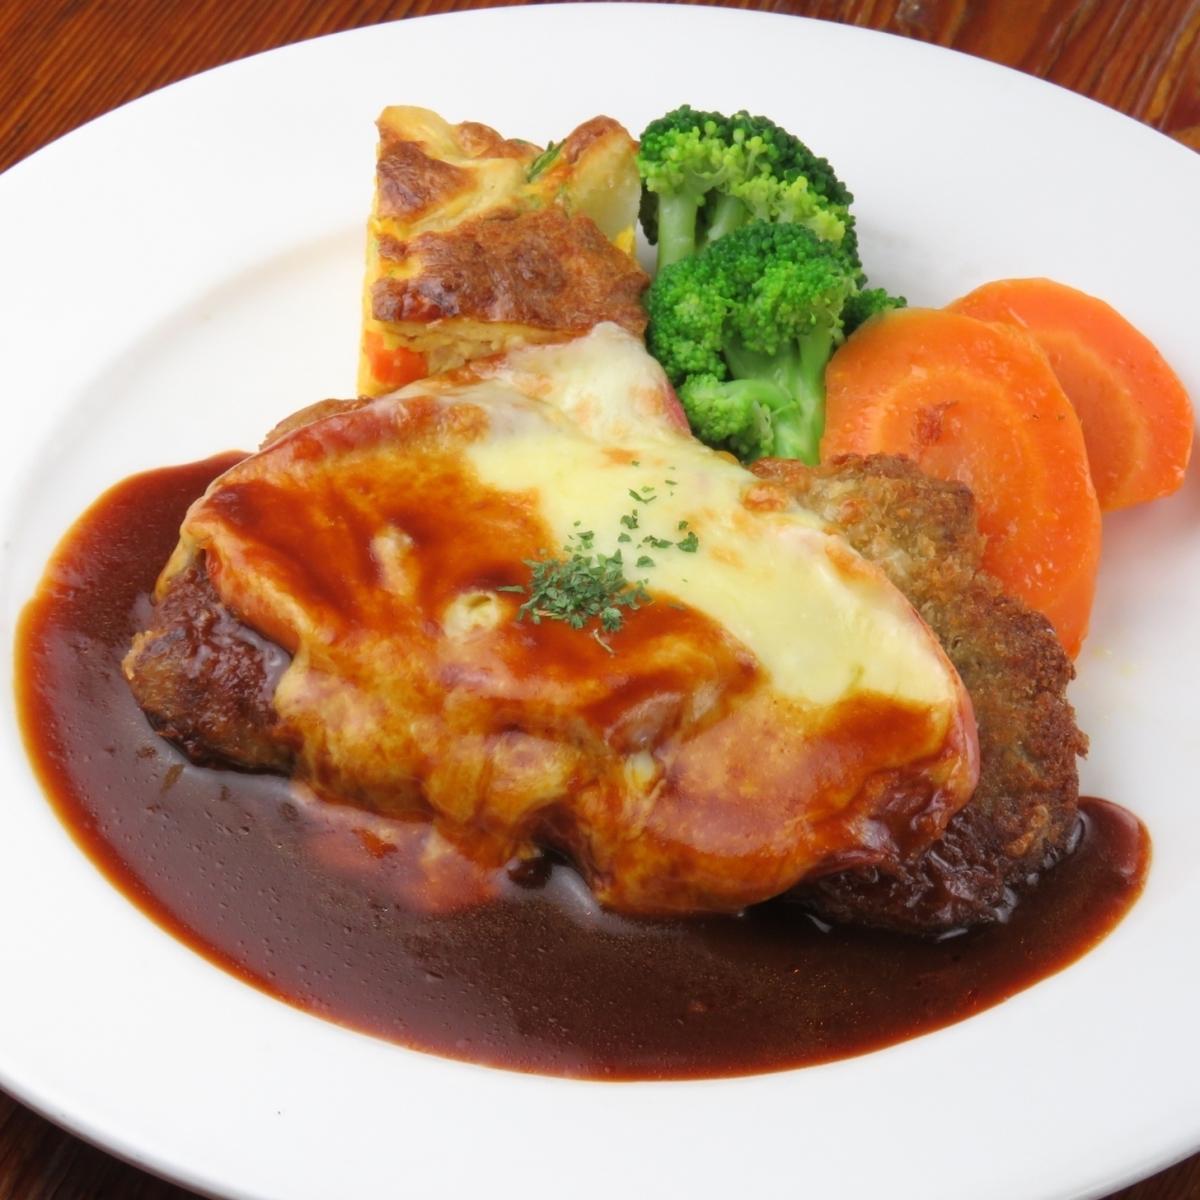 仔牛のカツレツ パルマ風/仔牛の生ハム、チーズ重ね焼き ローマ風